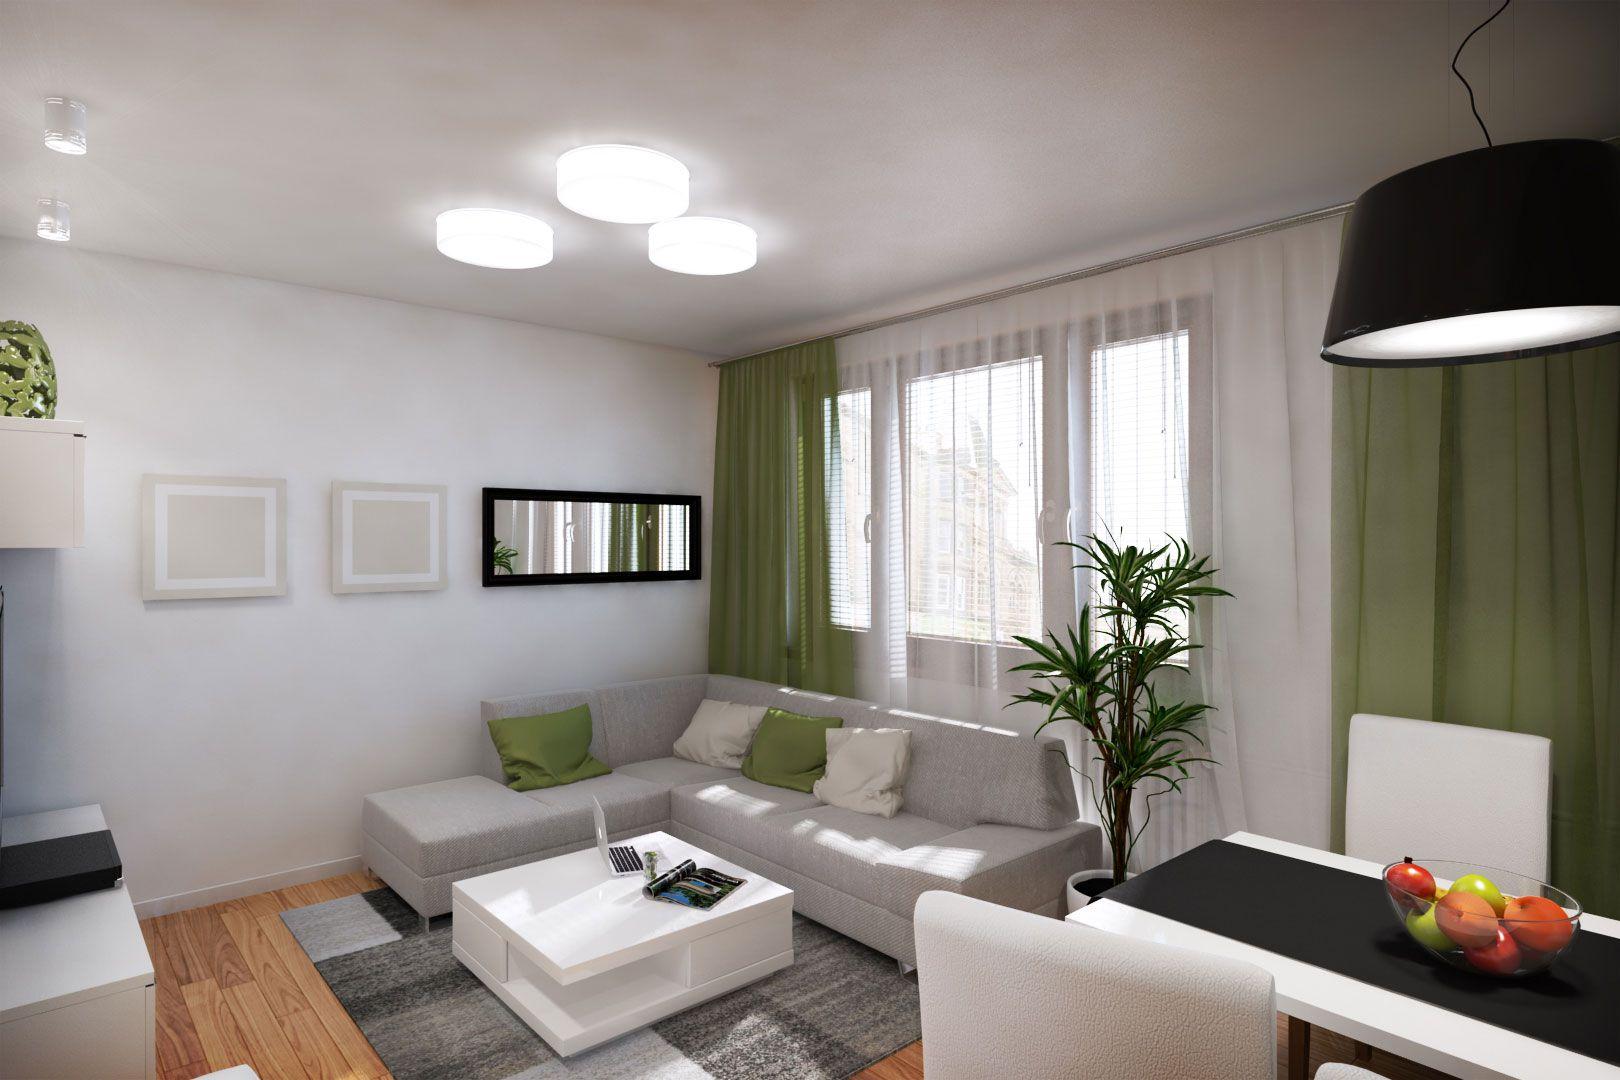 Sencilla y moderna decoración de la sala (Diseño y fotos: 110 Studio) Departamento